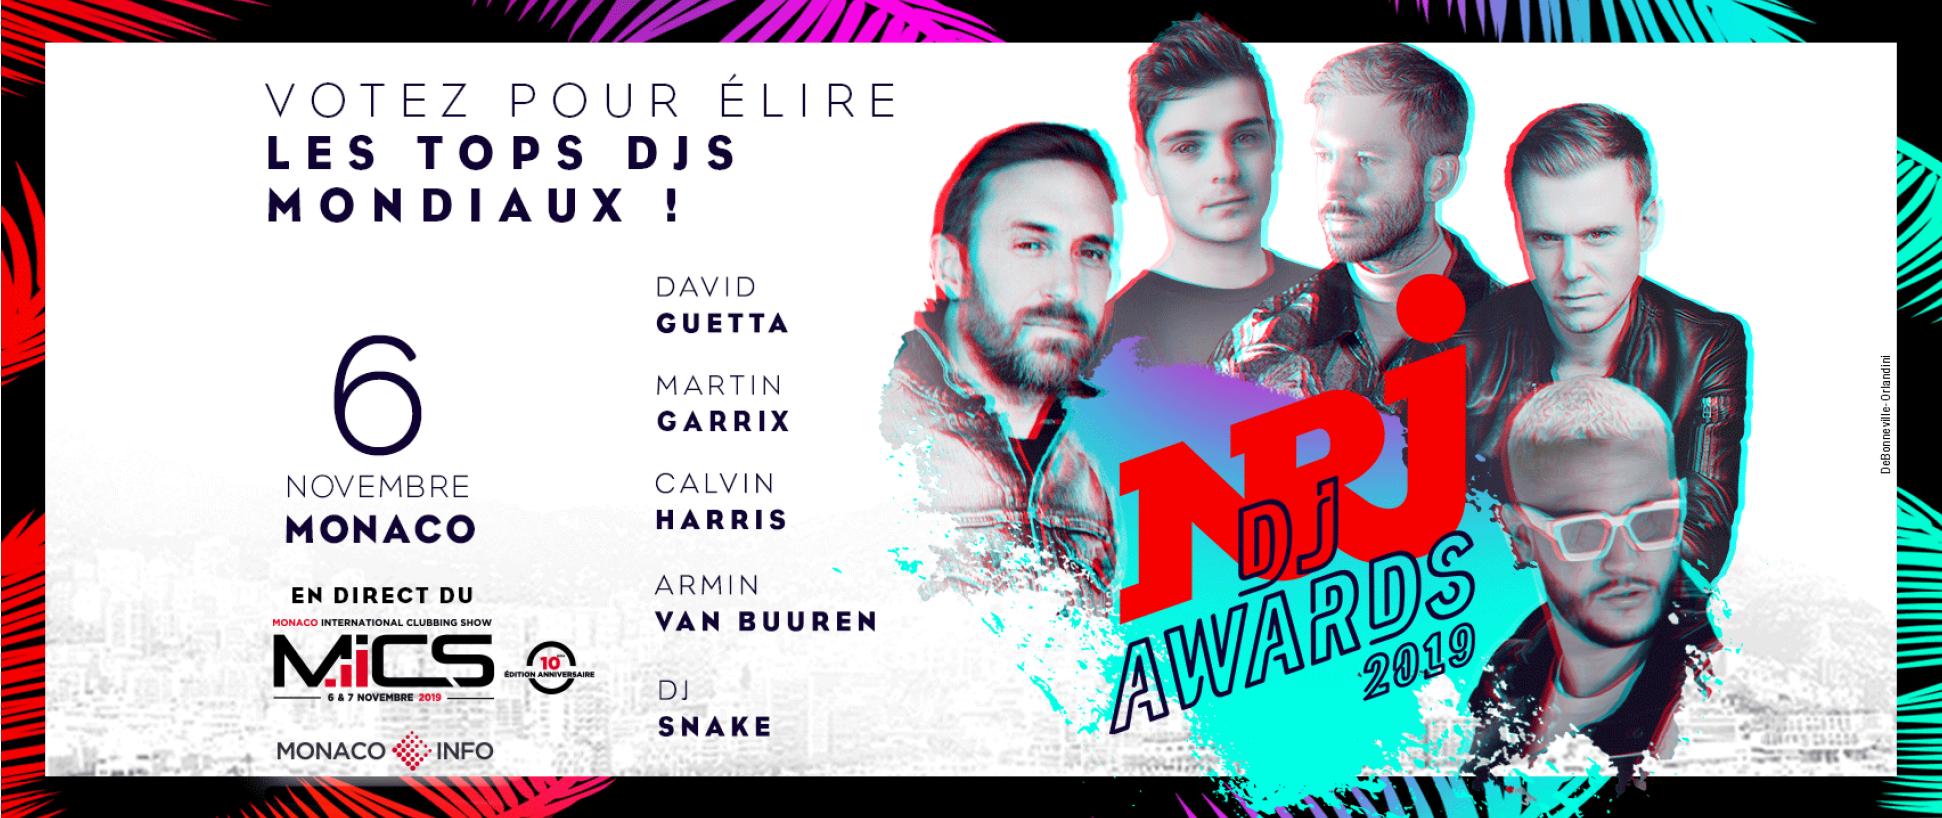 Ouverture des votes de la cérémonie des NRJ DJ Awards 2019